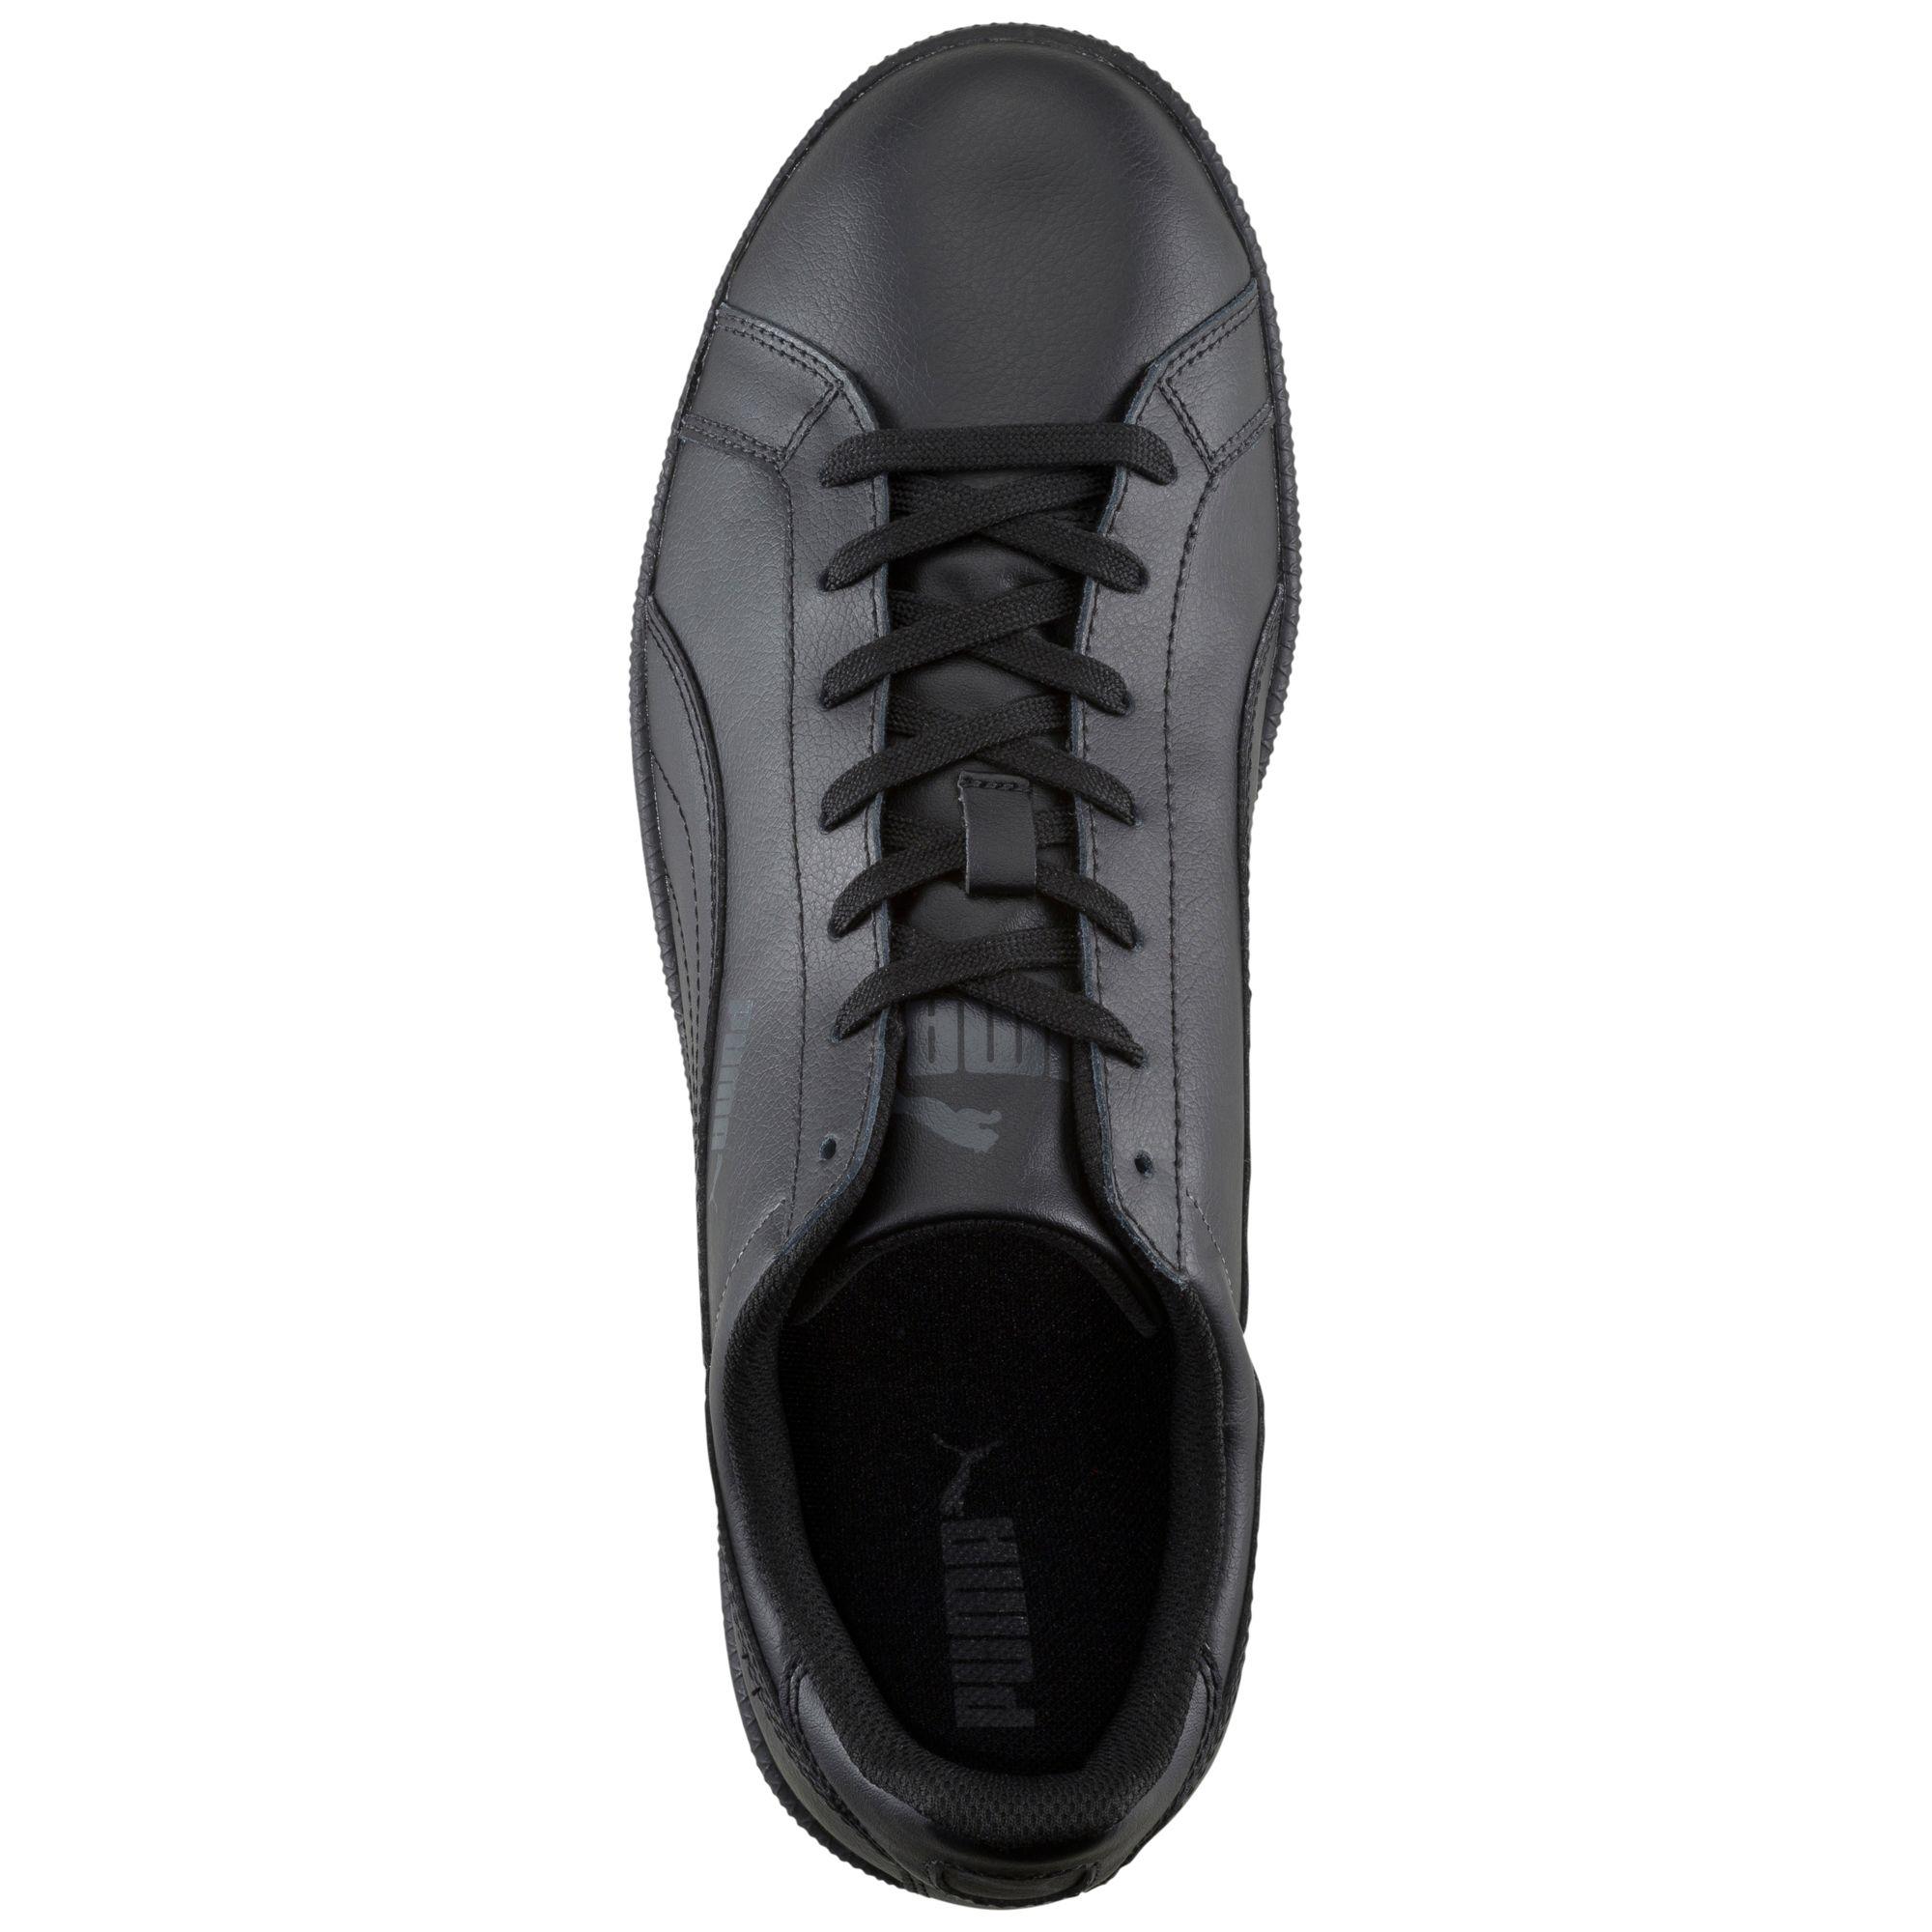 Détails sur PUMA Basket Smash Chaussures Sneakers Sport Classics Unisexe Nouveau